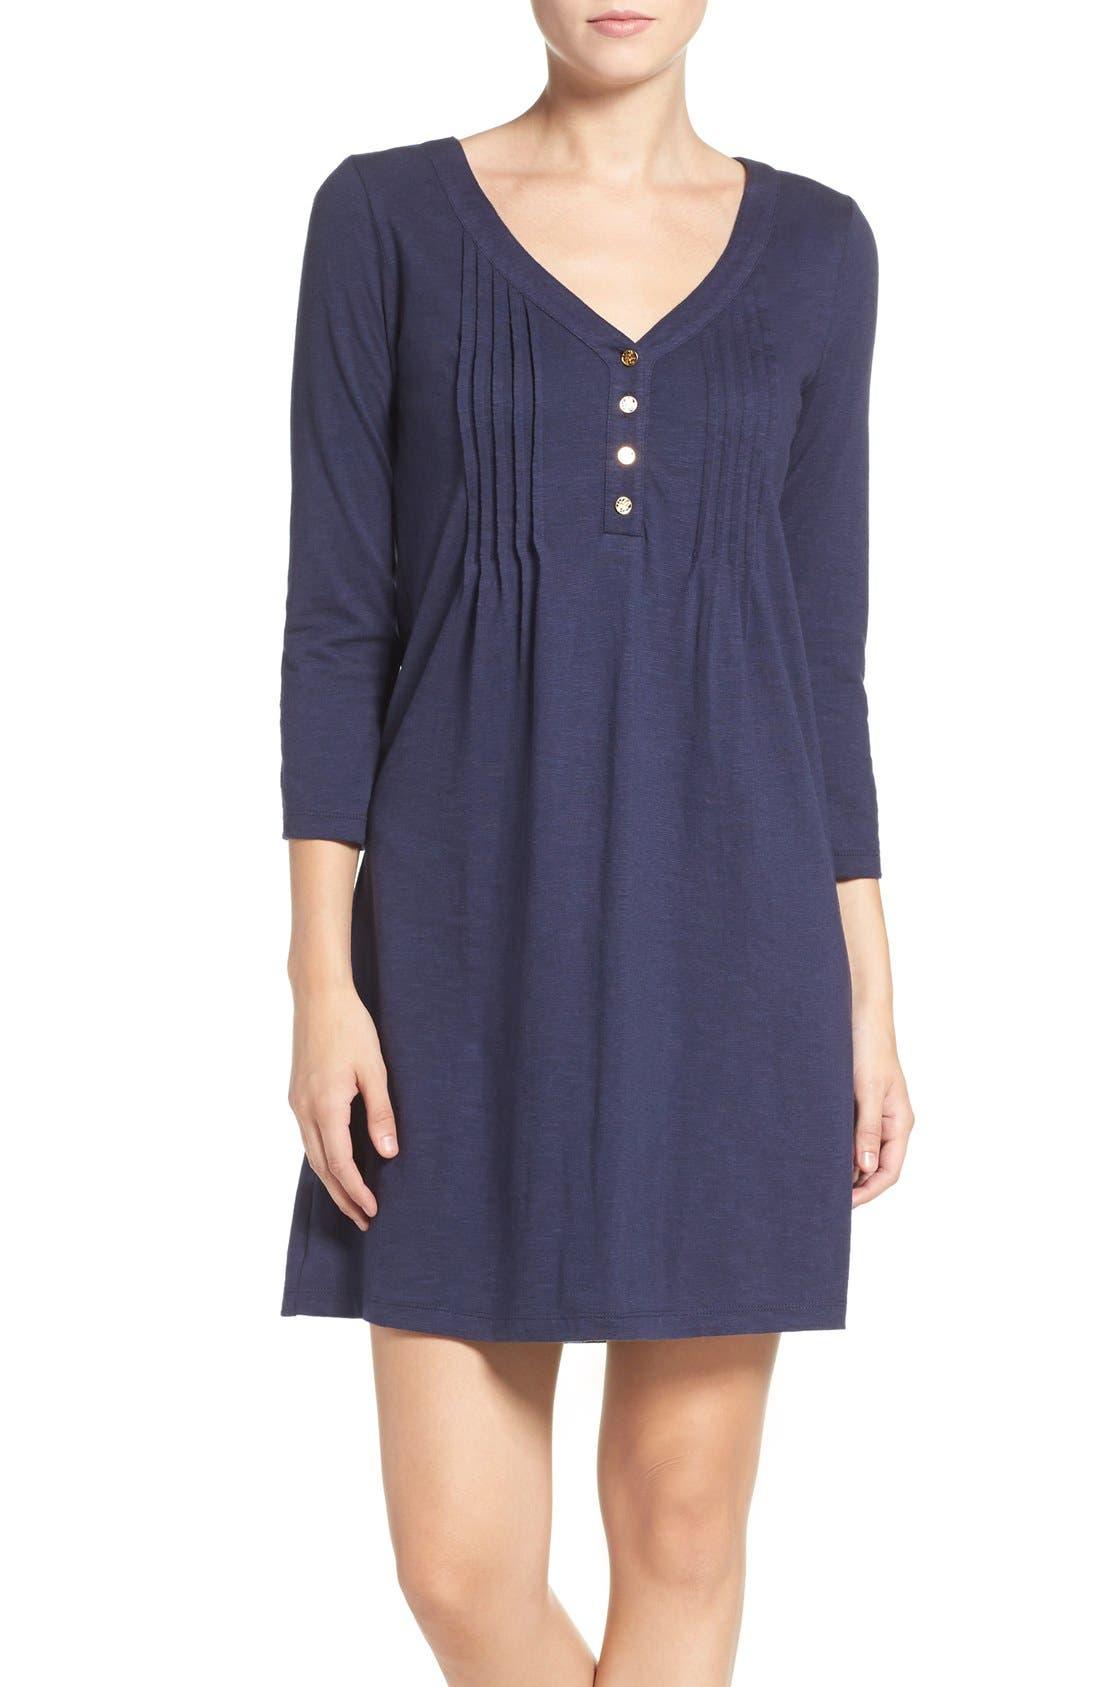 Main Image - Lilly Pulitzer® 'Amberly' Jersey T-Shirt Dress